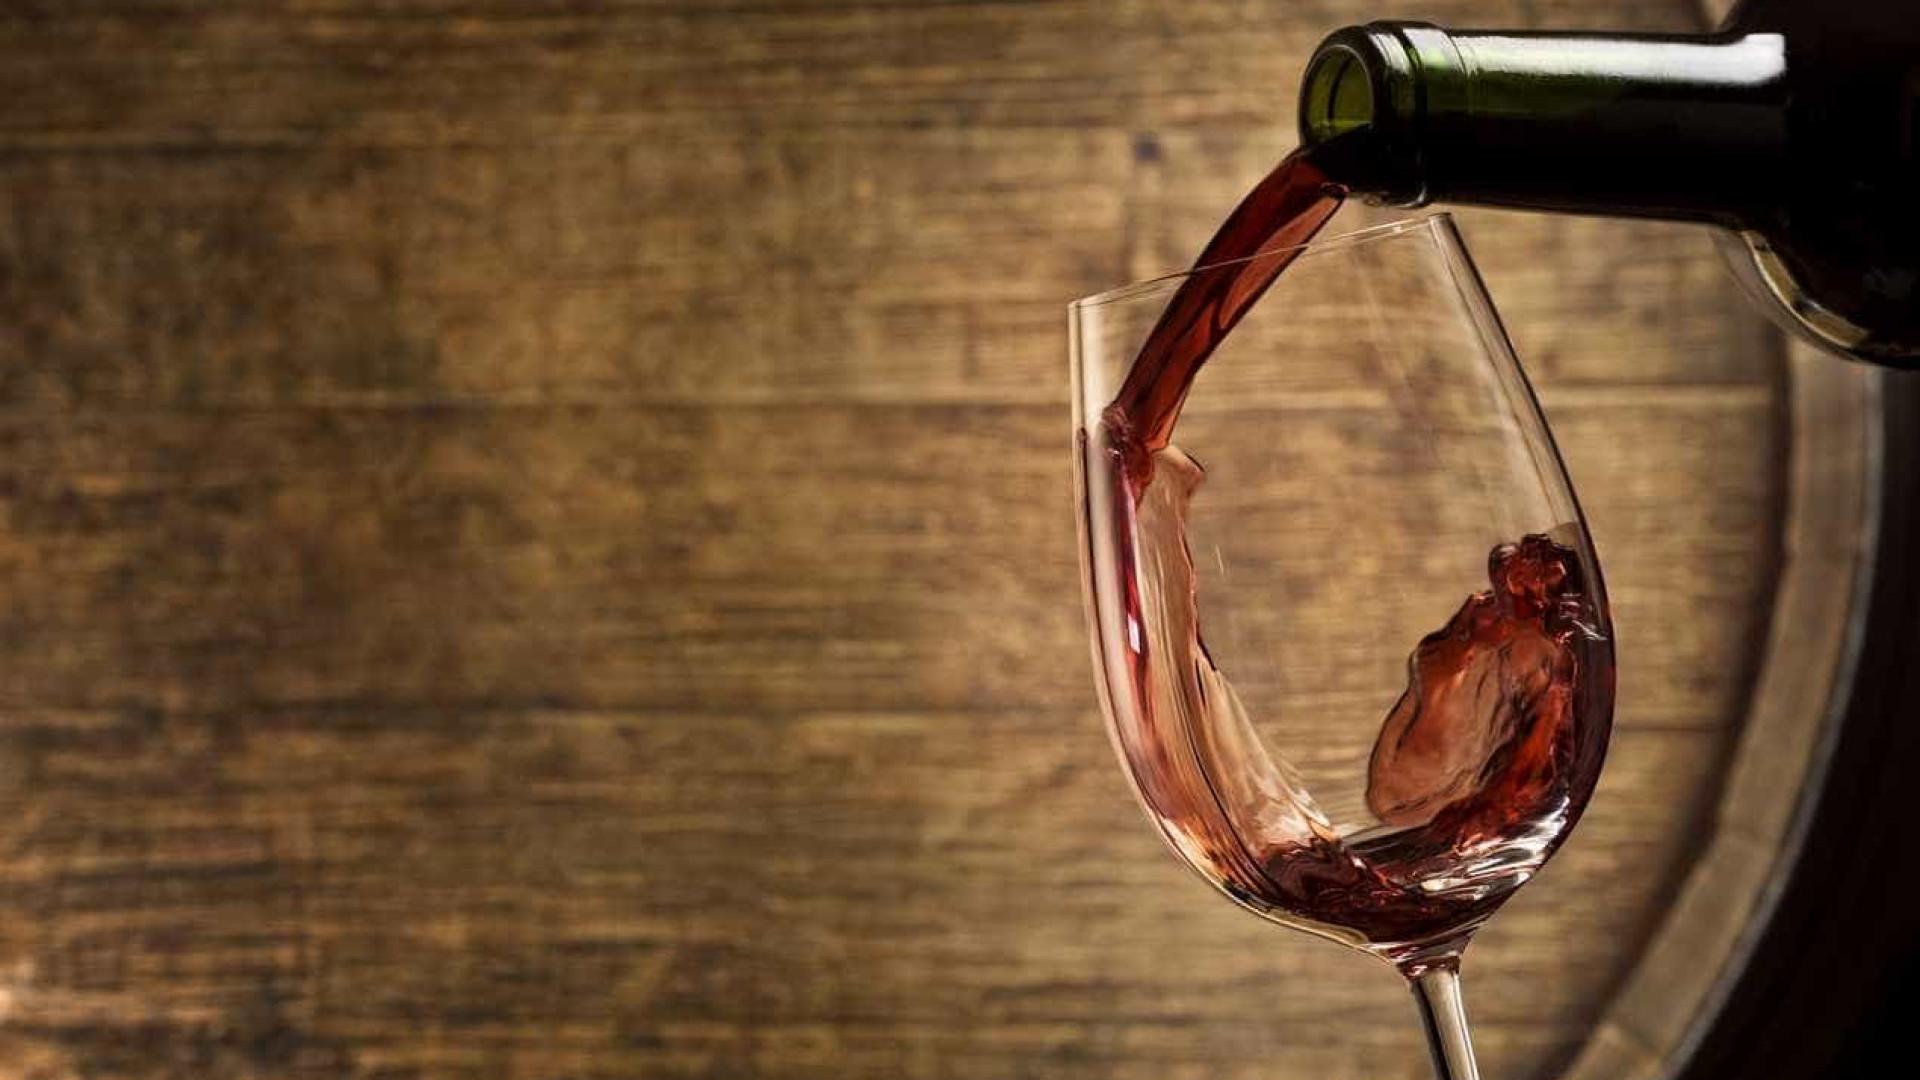 Vinhoteca propõe harmonizar vinhos e livros